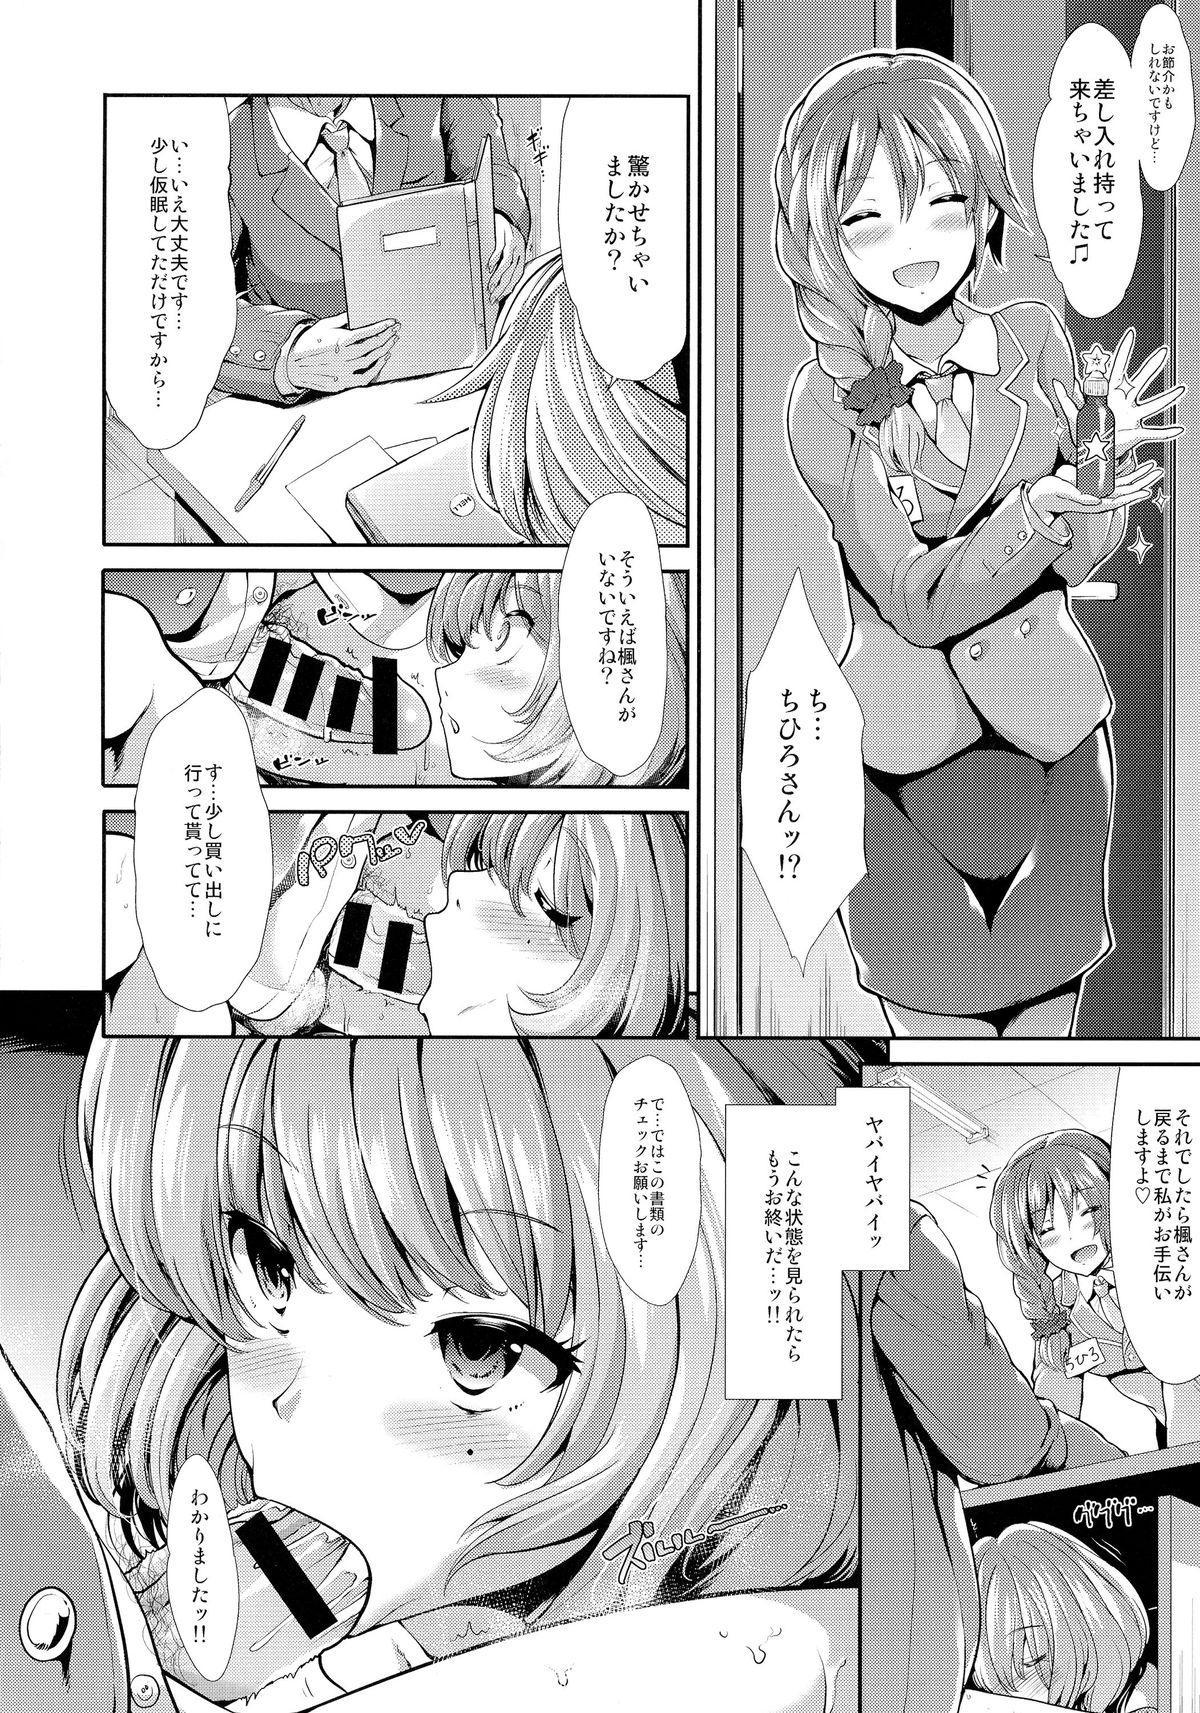 CINDERELLA ECSTASY Megami no Tawamure 9